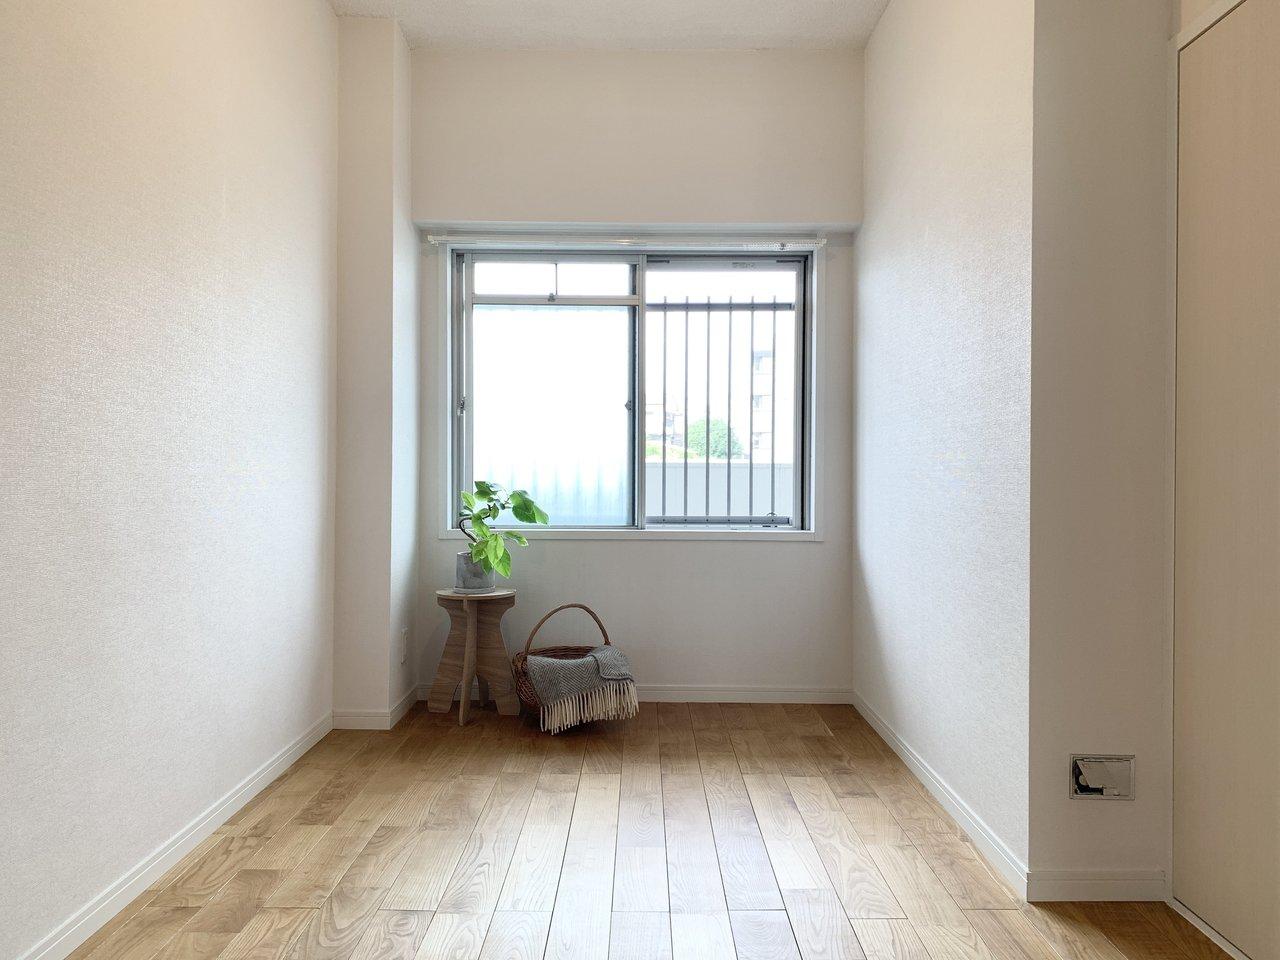 小窓のついた5畳の洋室。収納スペースもかなり大きいので、家族の荷物も難なくしまえそうです。